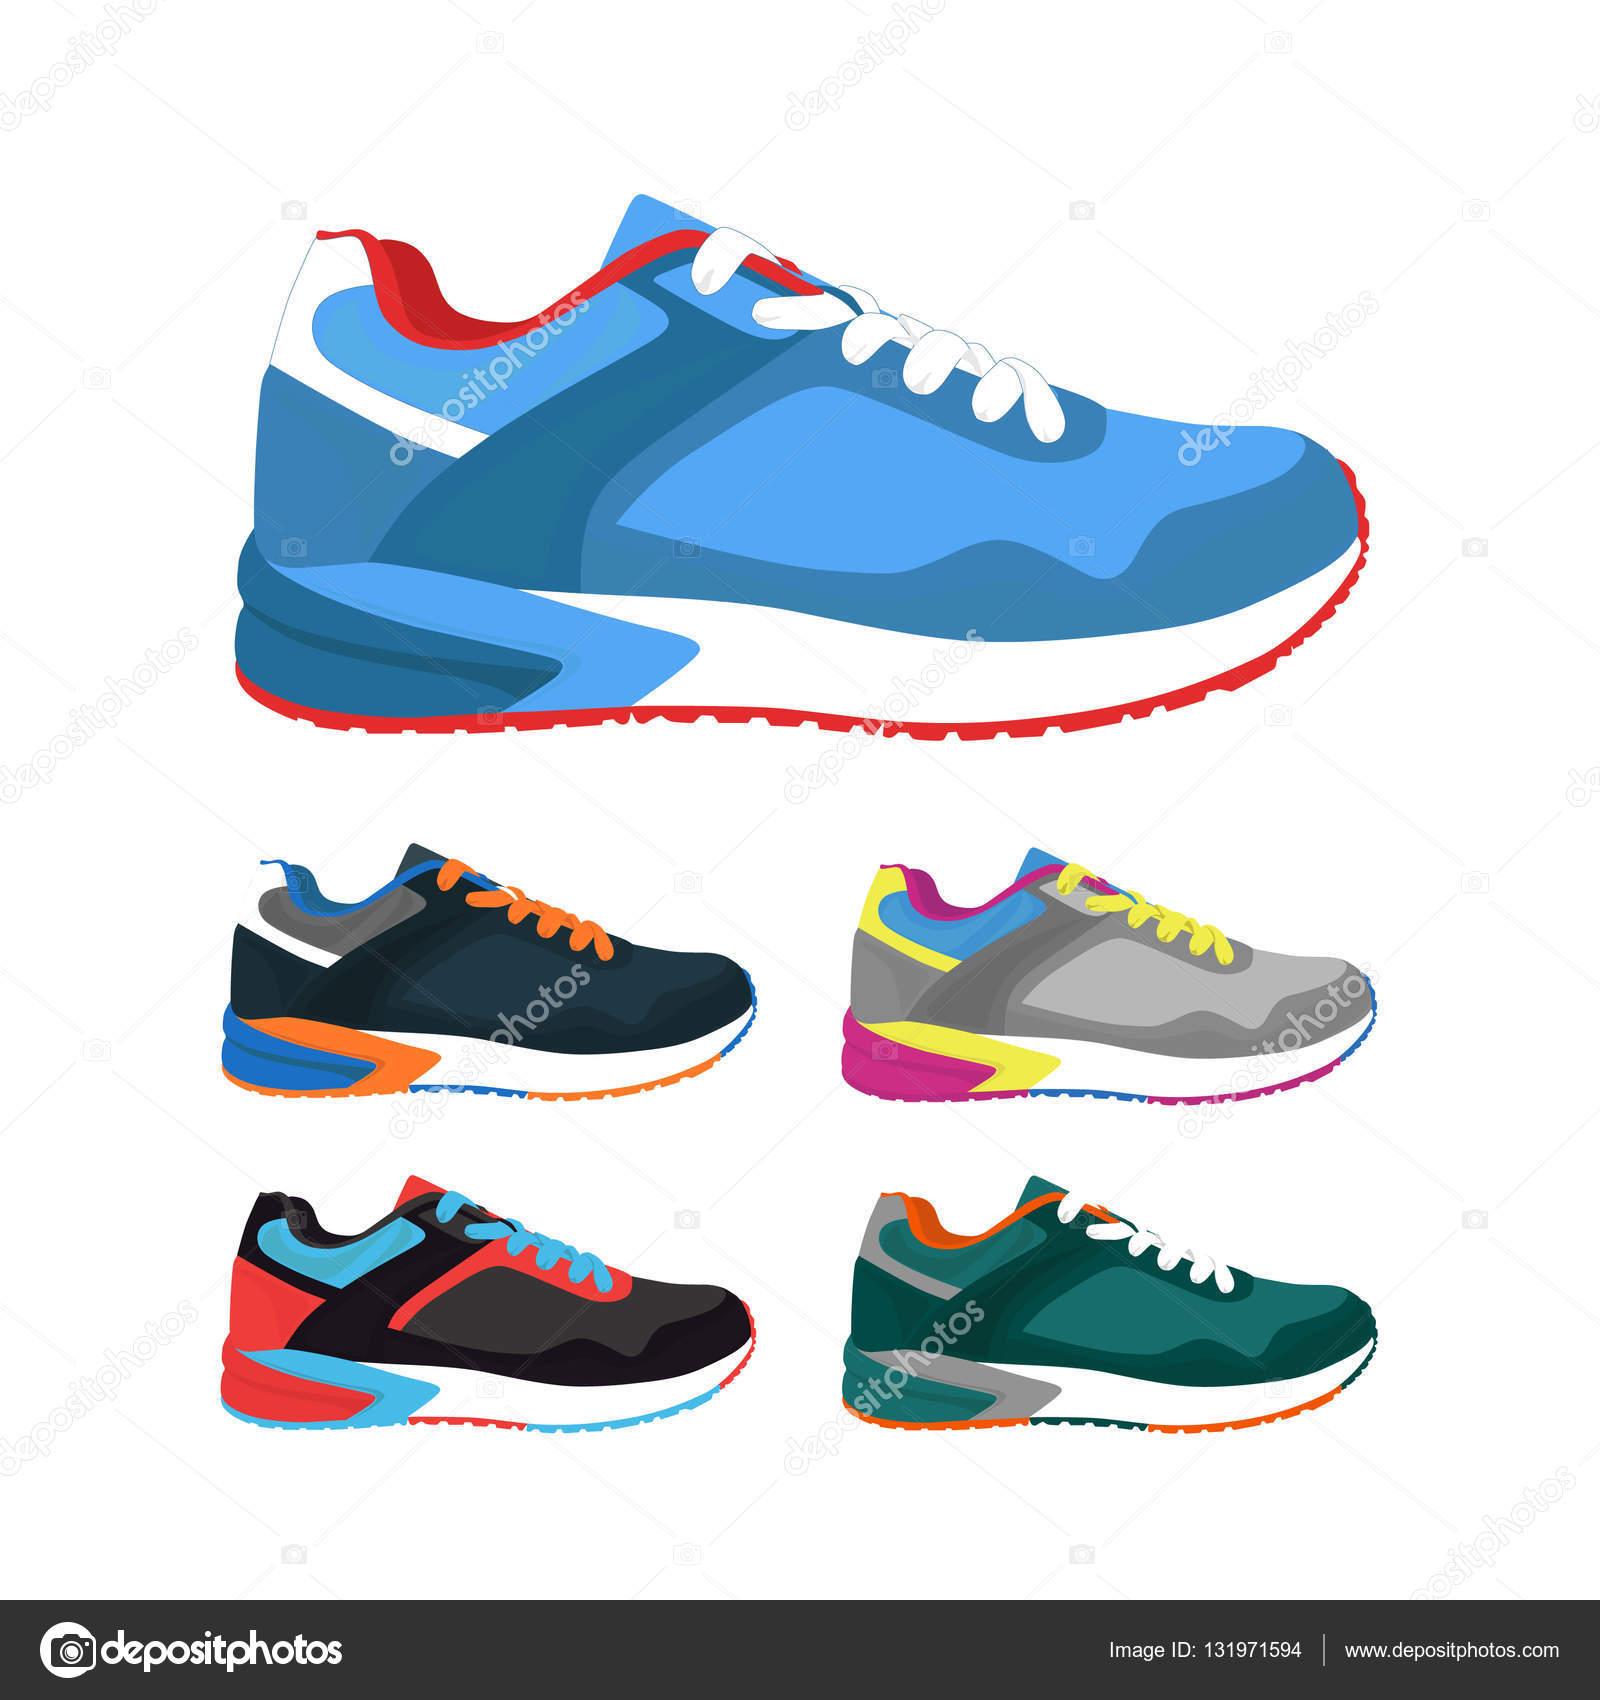 Buty Do Biegania : Stylowe buty